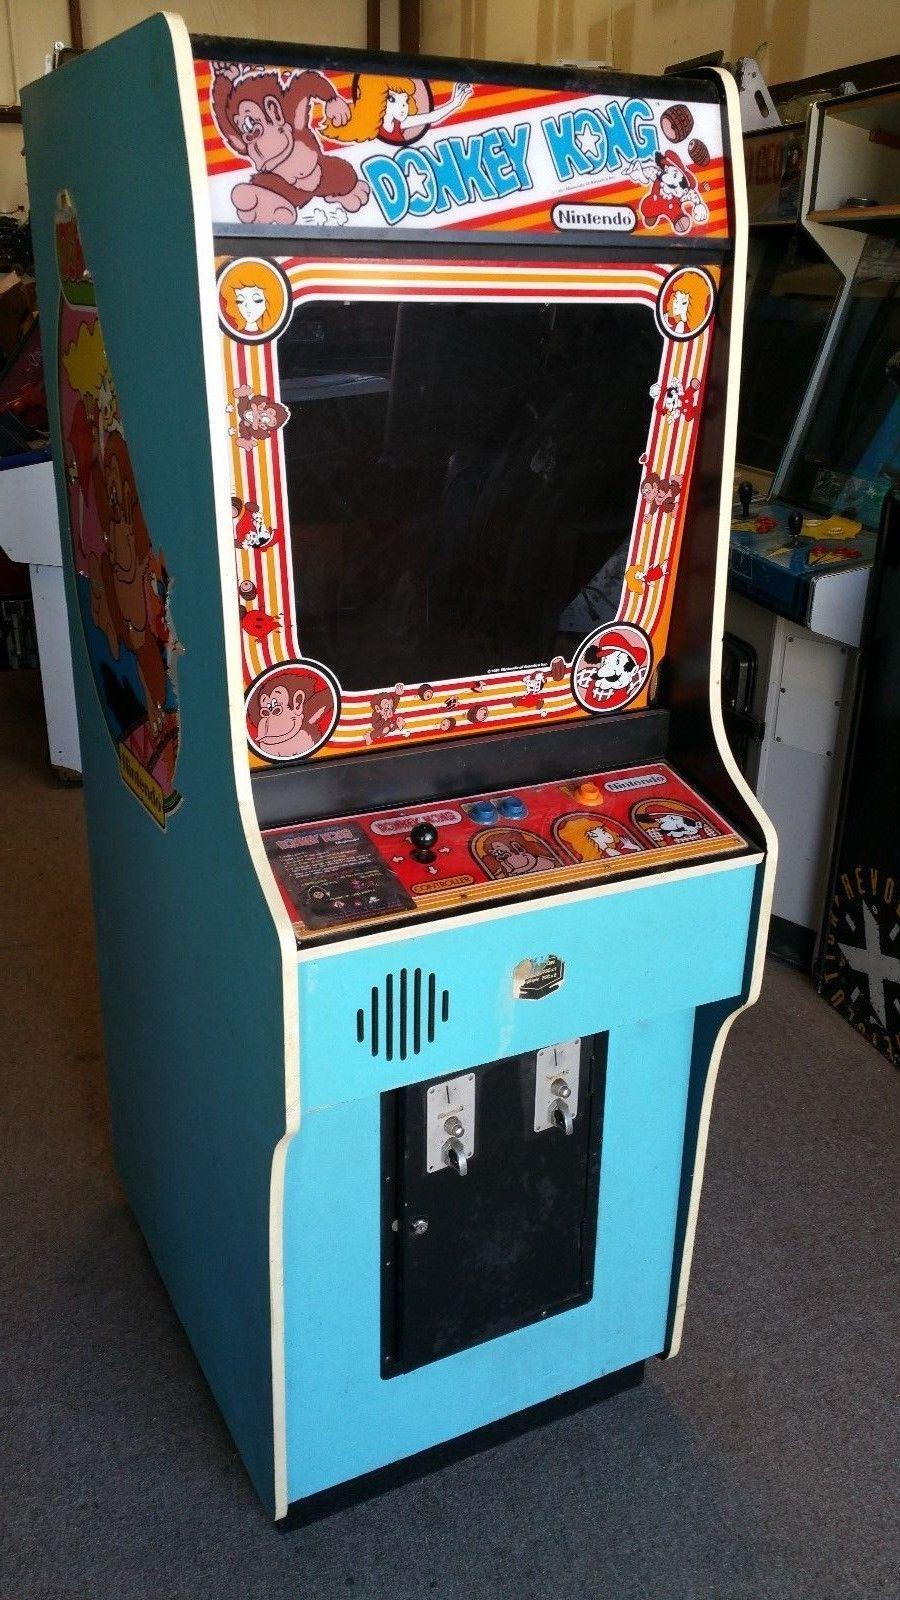 60in1 Multigame in A Donkey Kong Atlanta eBay